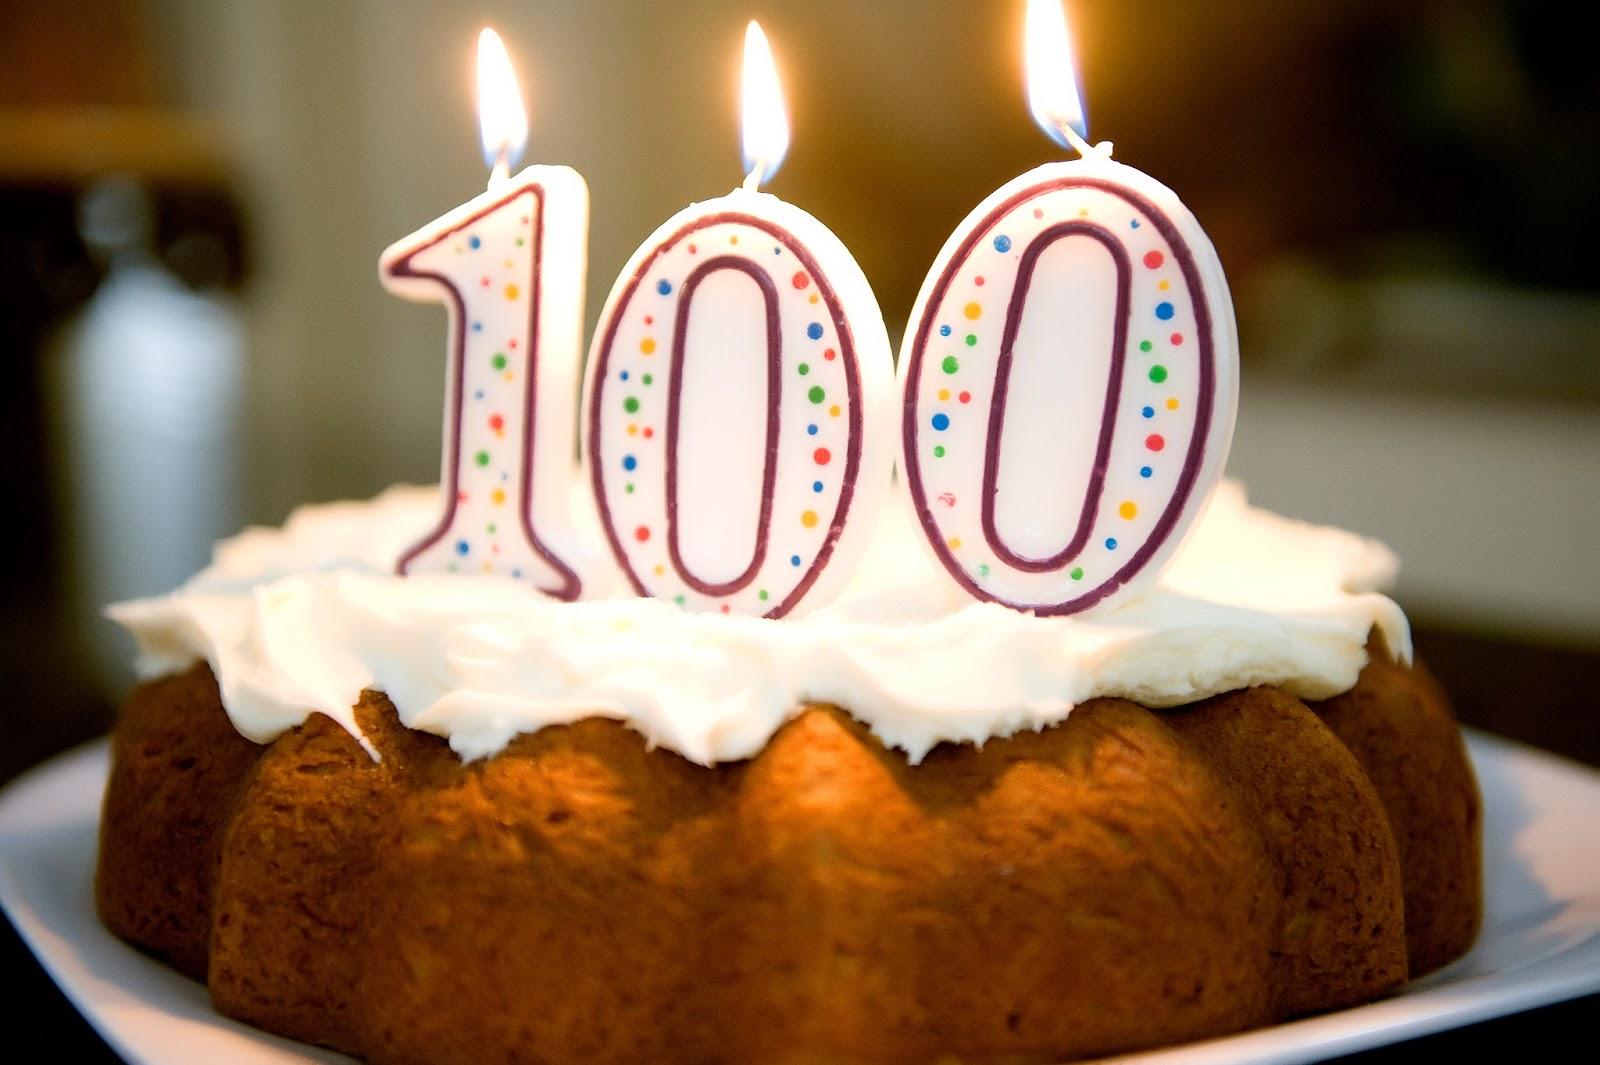 happy-100th-birthday-quote-wish-grandma-grandpa-1.jpg